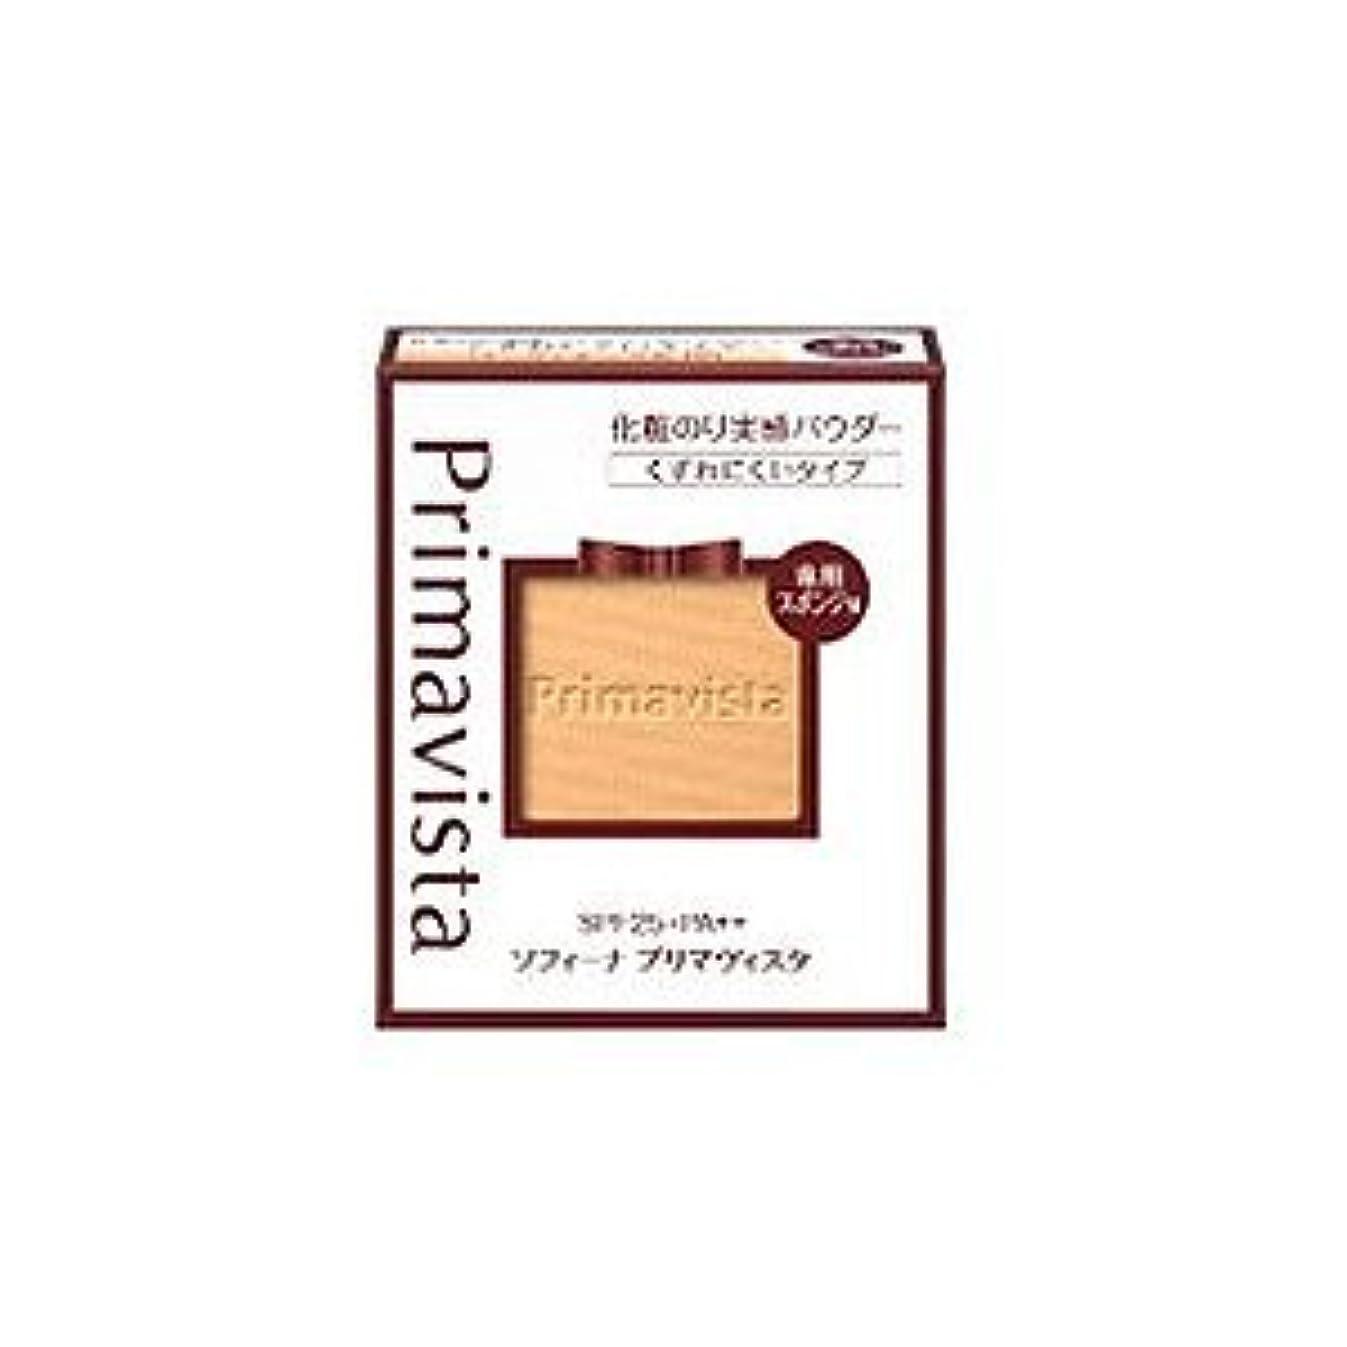 ソフィーナ プリマヴィスタ くずれにくい 化粧のり実感パウダーファンデーションUV ピンクオークル03 レフィル